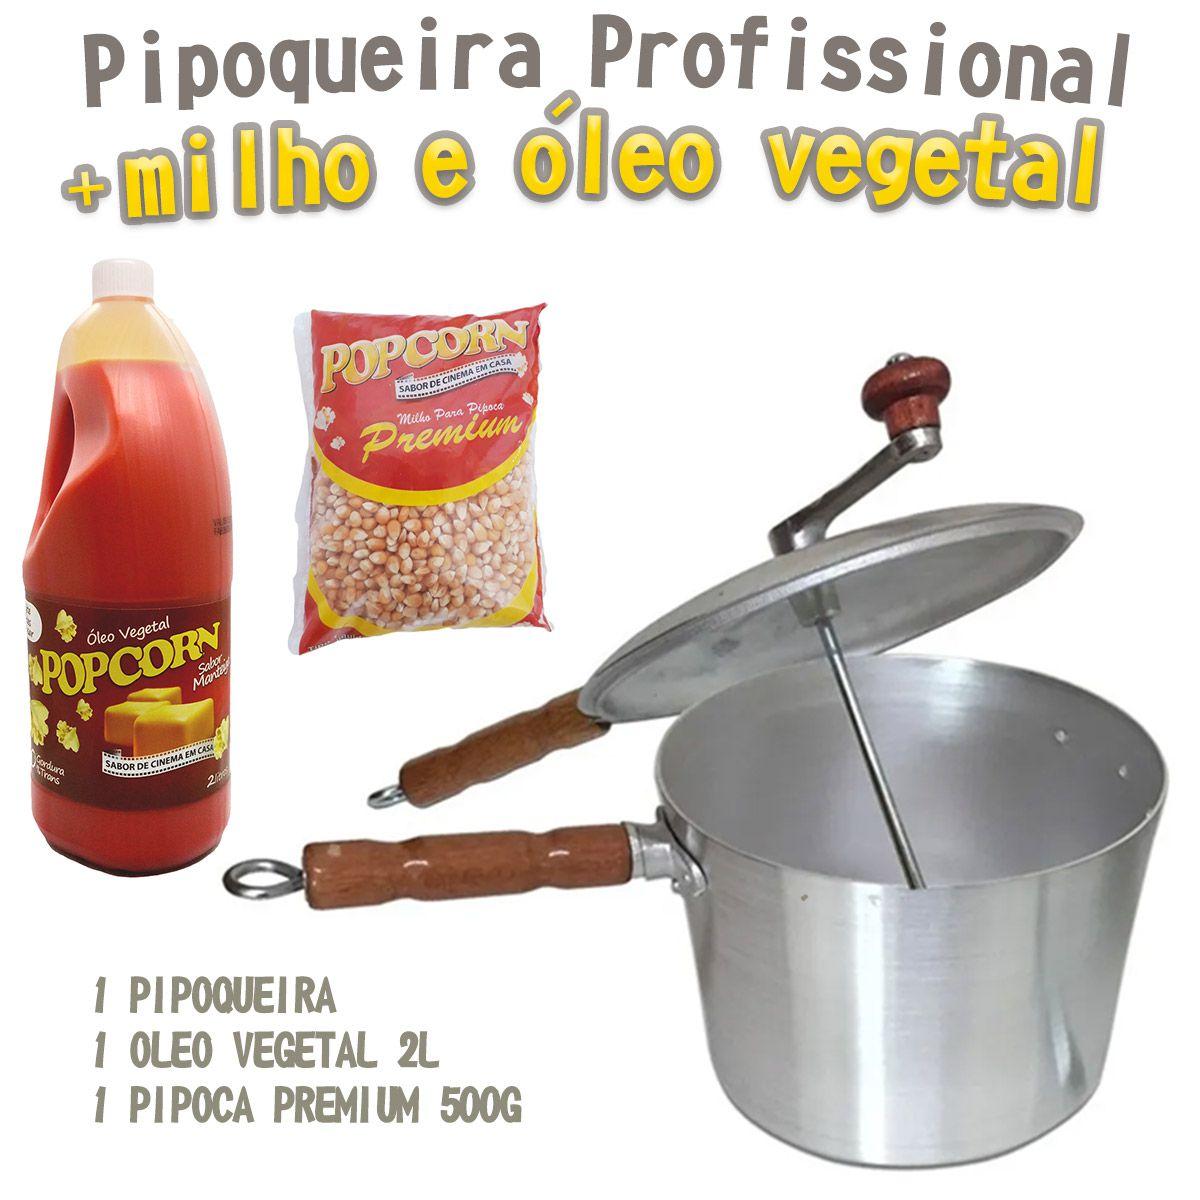 Pipoqueira Profissional Panela em Alumínio Fundido + 500g de milho + 2l de Óleo vegetal Popcorn.